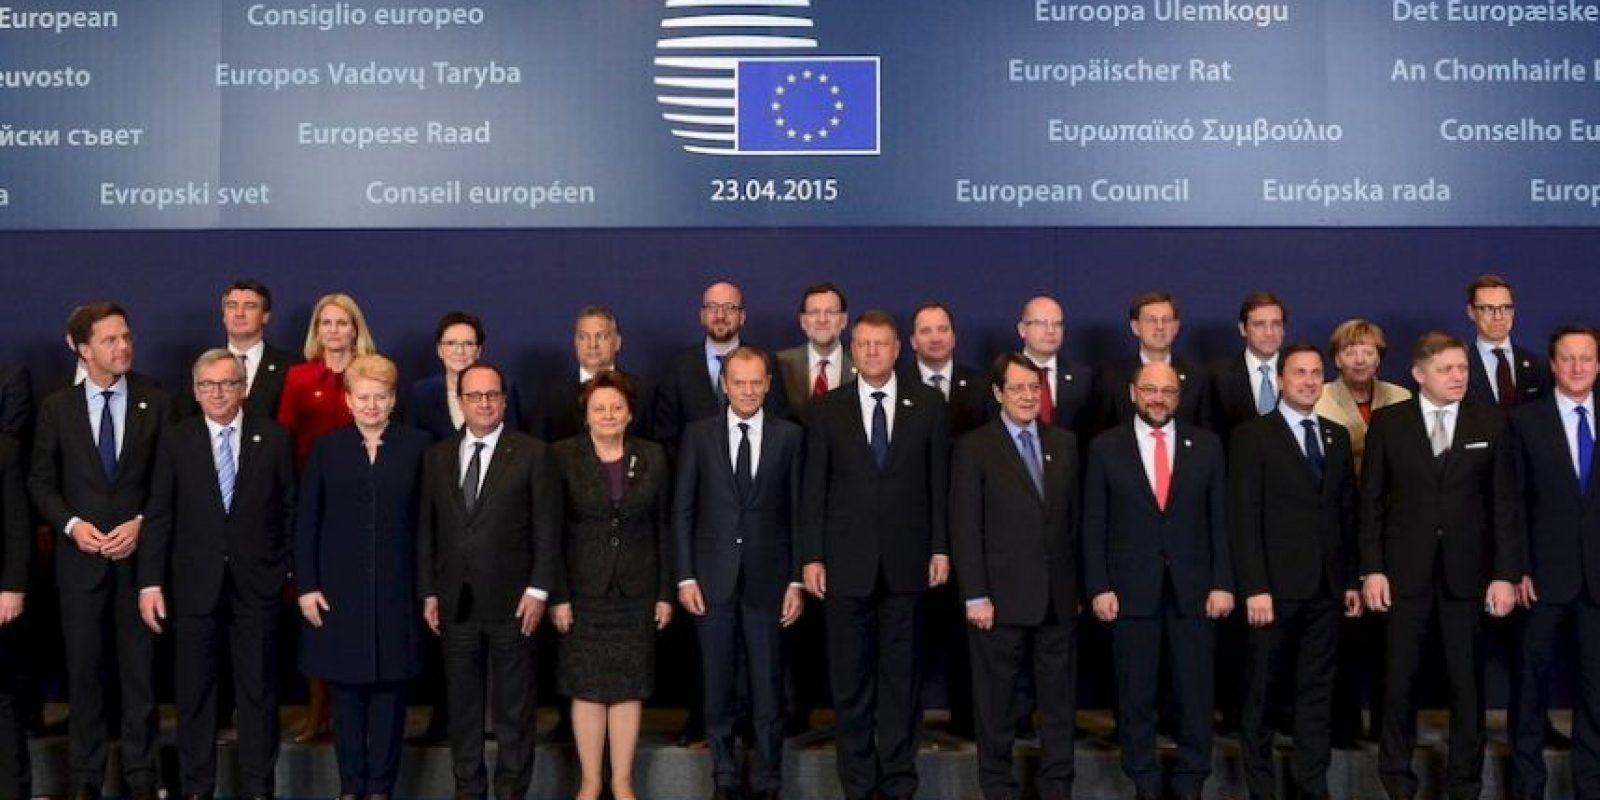 3. Establecer reuniones periódicas de EUROPOL, FRONTEX, EASO y EUROJUST y cooperación entre las misma Foto:AFP